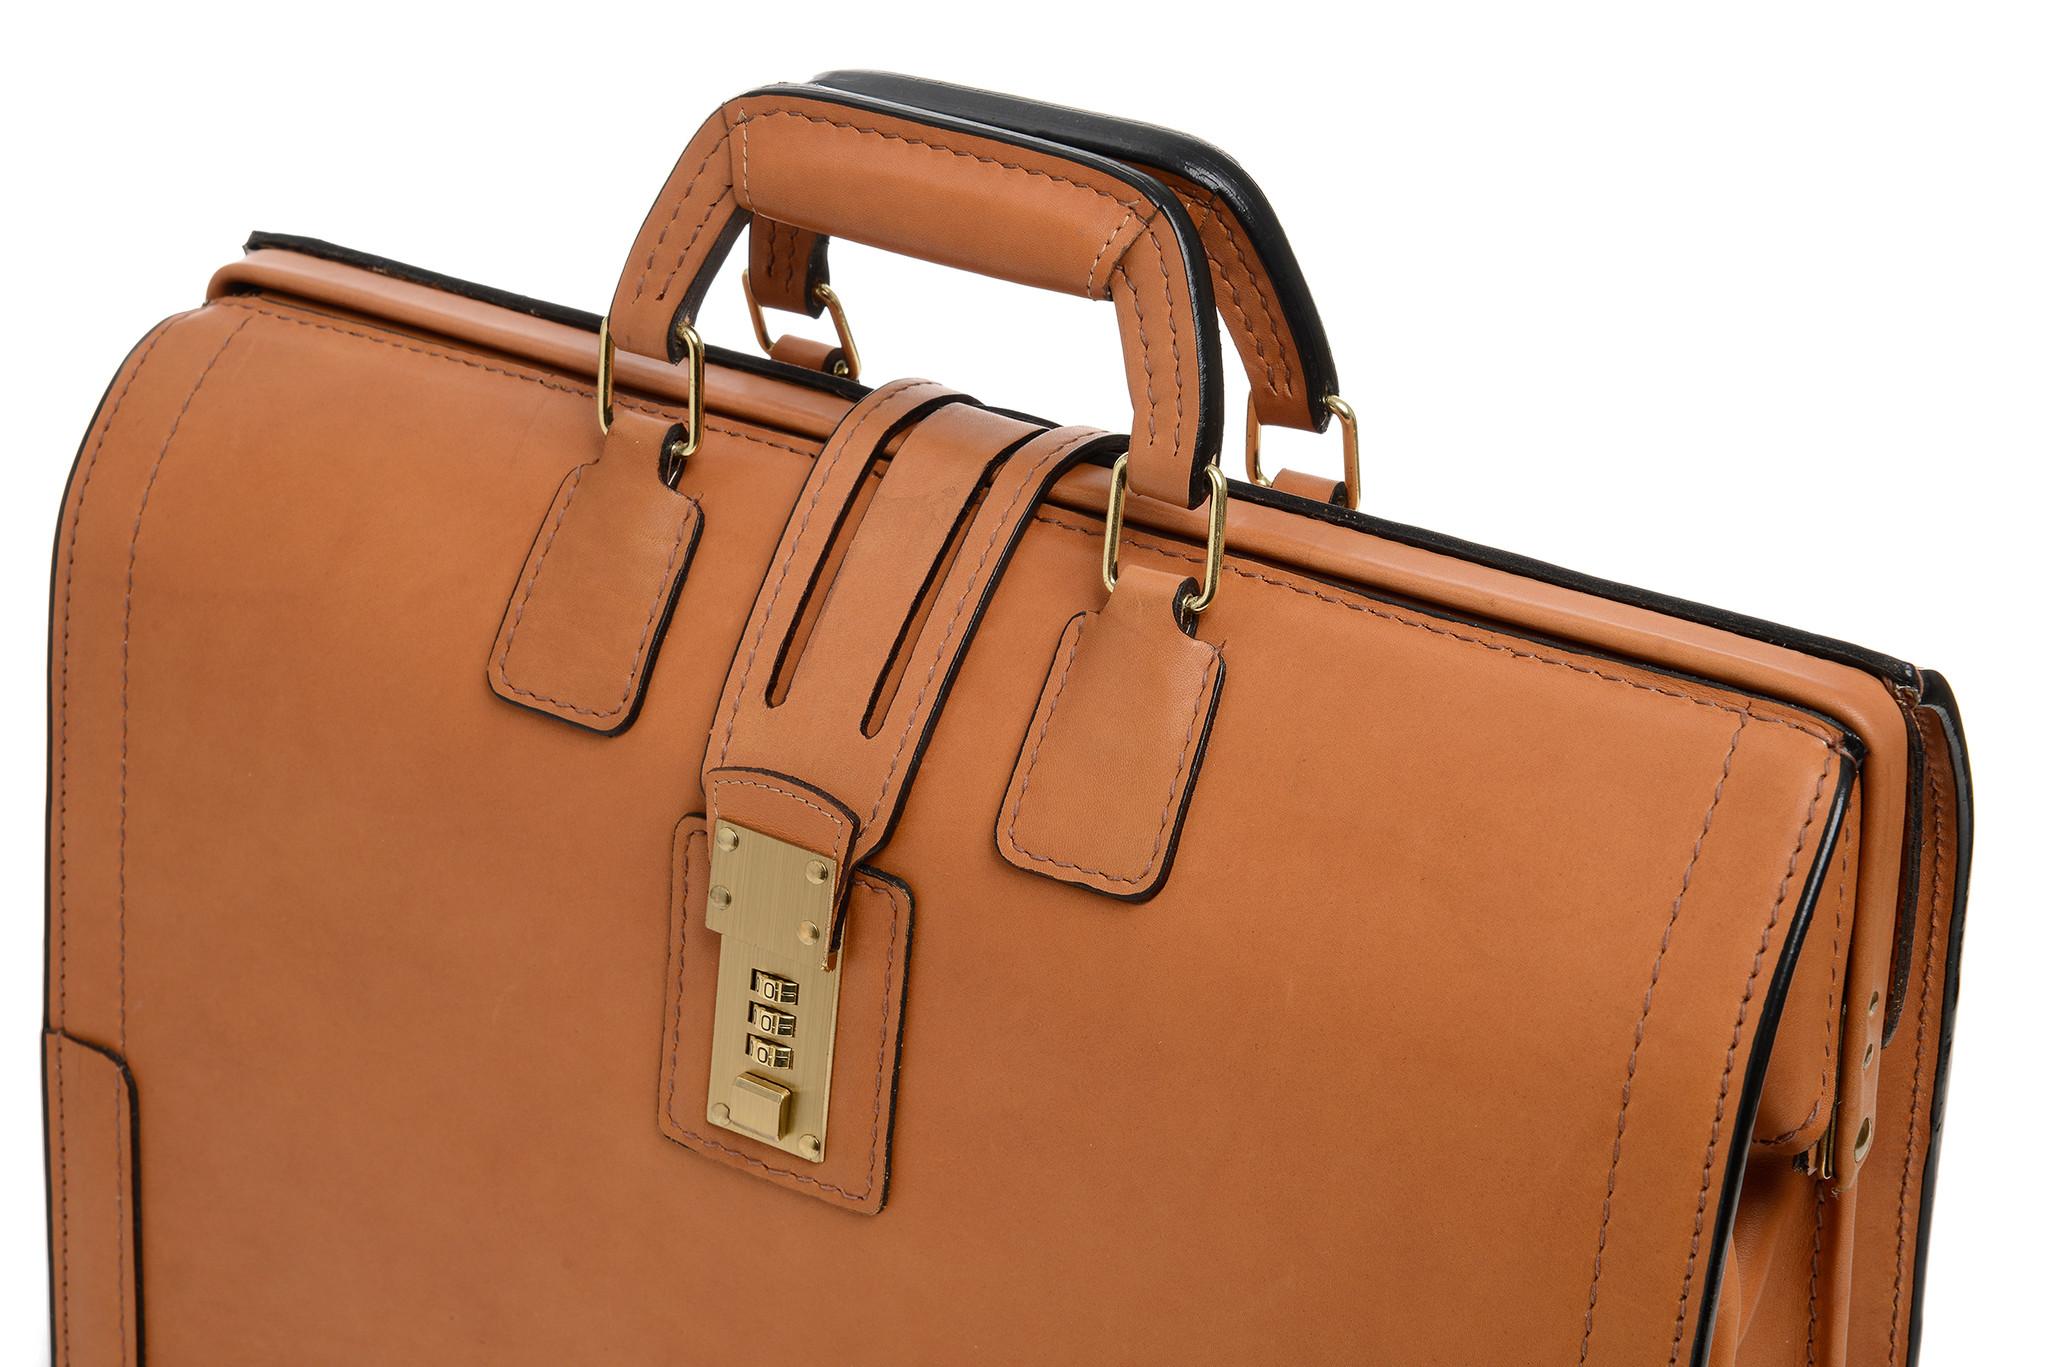 korchmar briefcase photo - 1